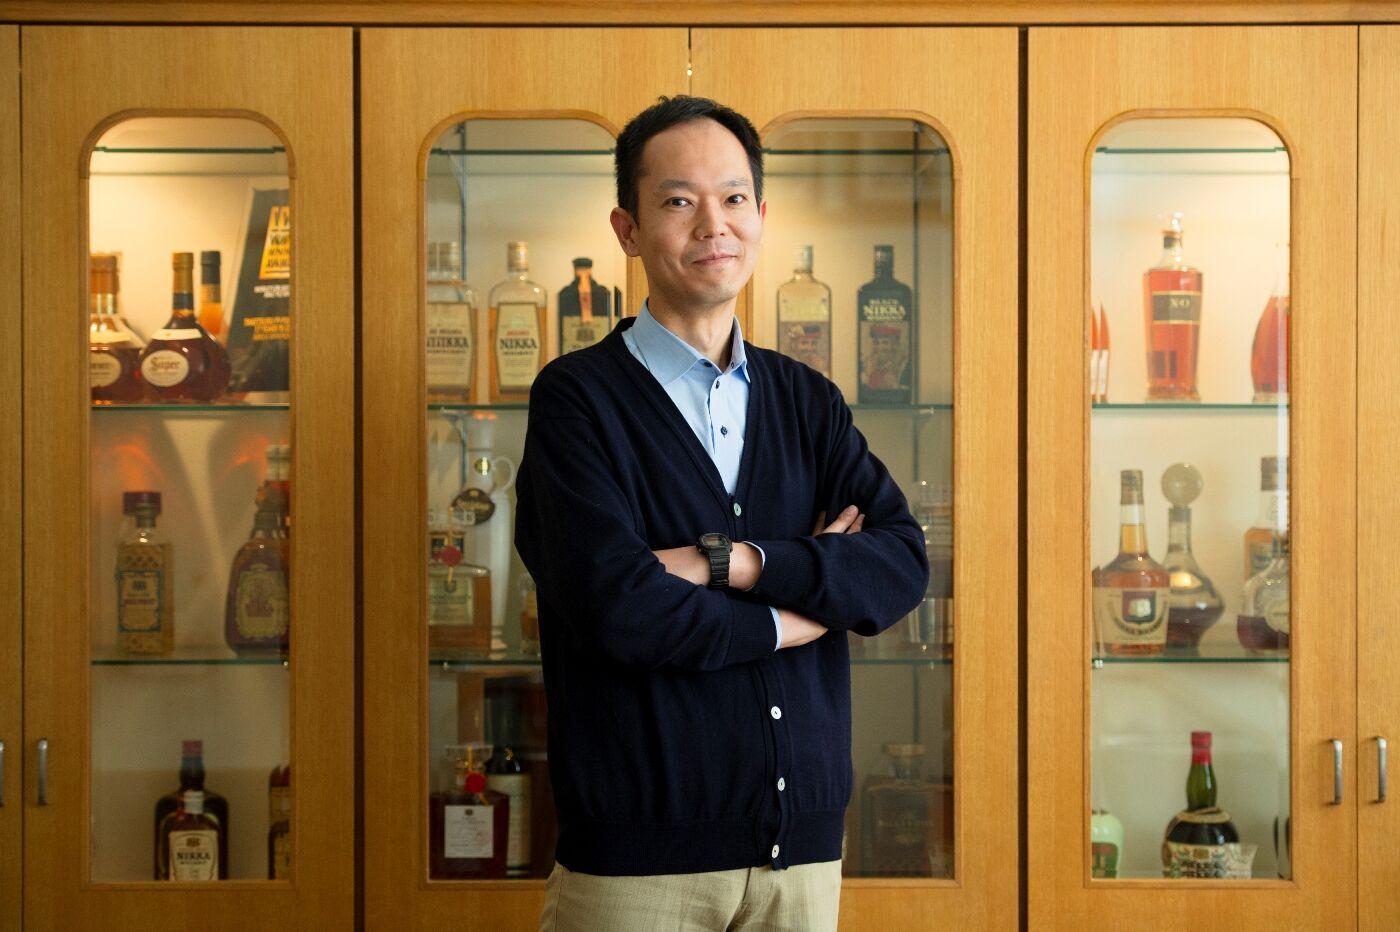 ウイスキー陳列棚の前に立つ綿貫氏の写真